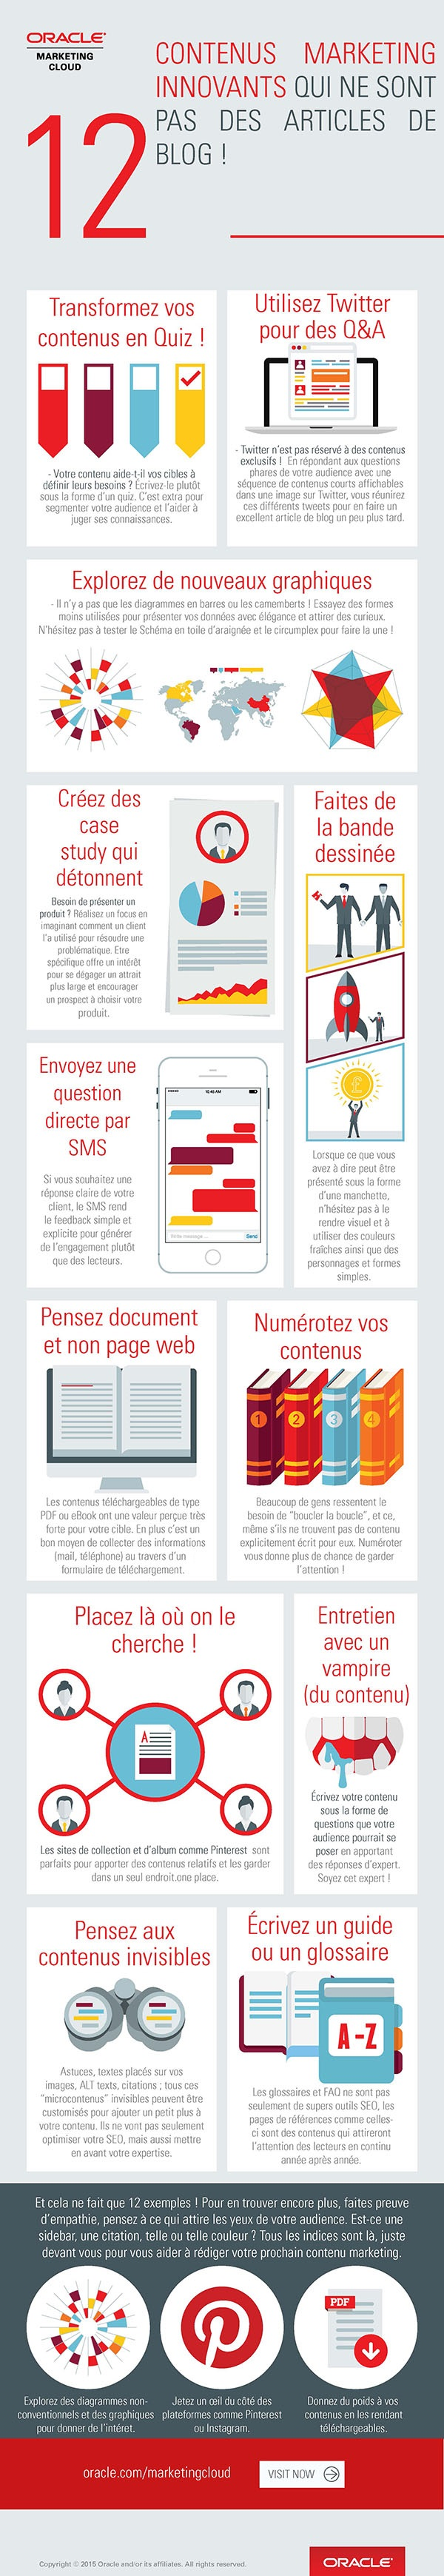 Le contenu peut etre plus varie que des articles de blog, explique Nostromo, agence de communication, grace a une infographie